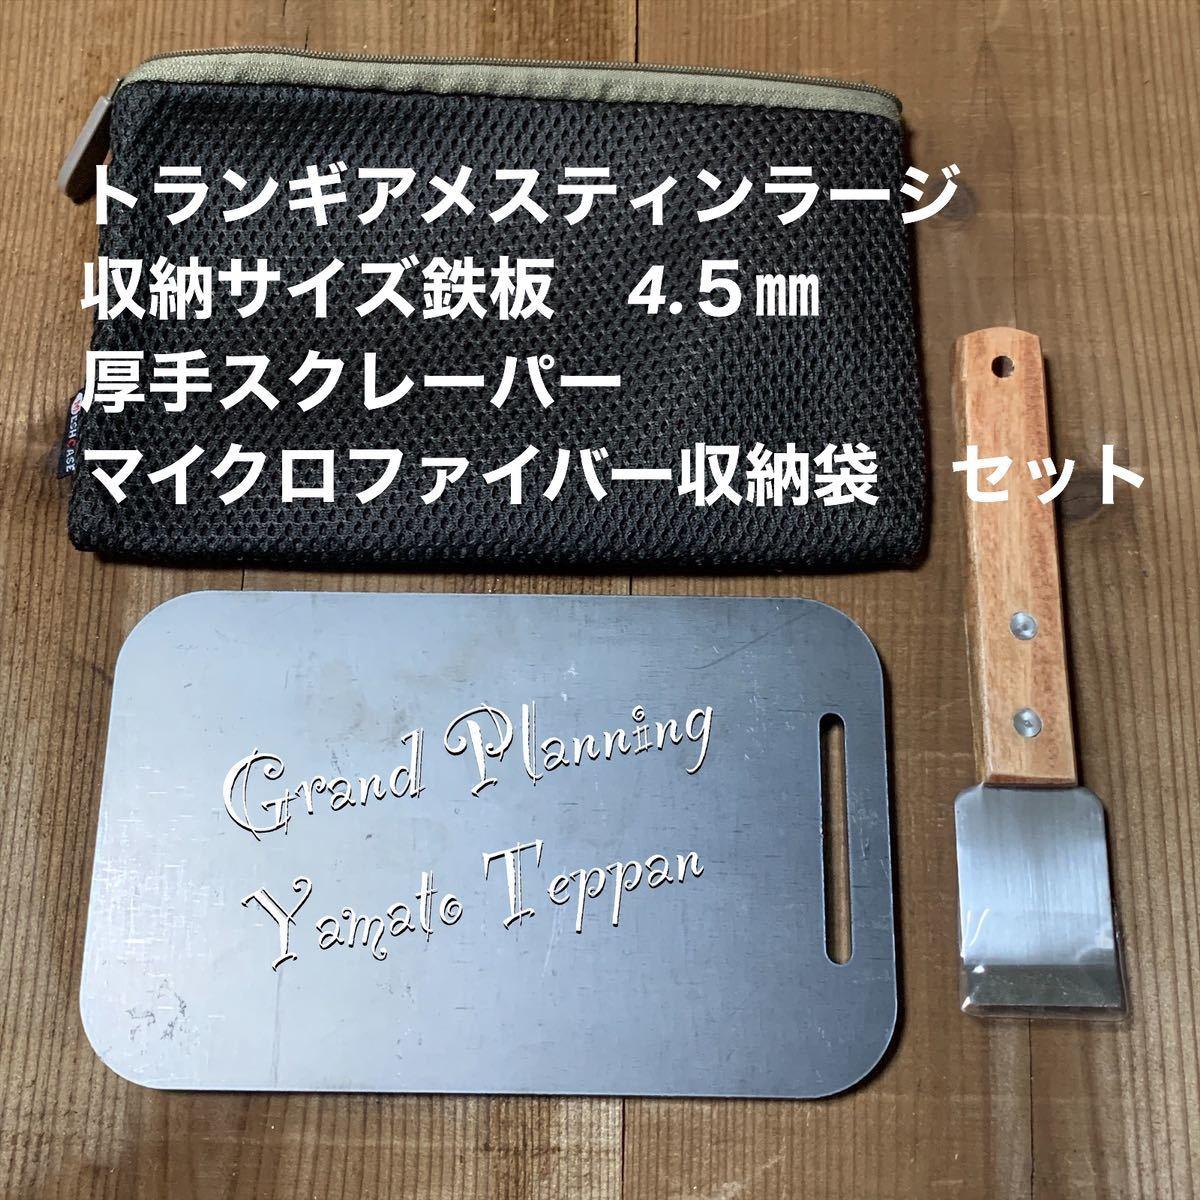 トランギア メスティン ラージ 収納サイズ 鉄板 4.5ミリ スクレーパー 収納袋 セット